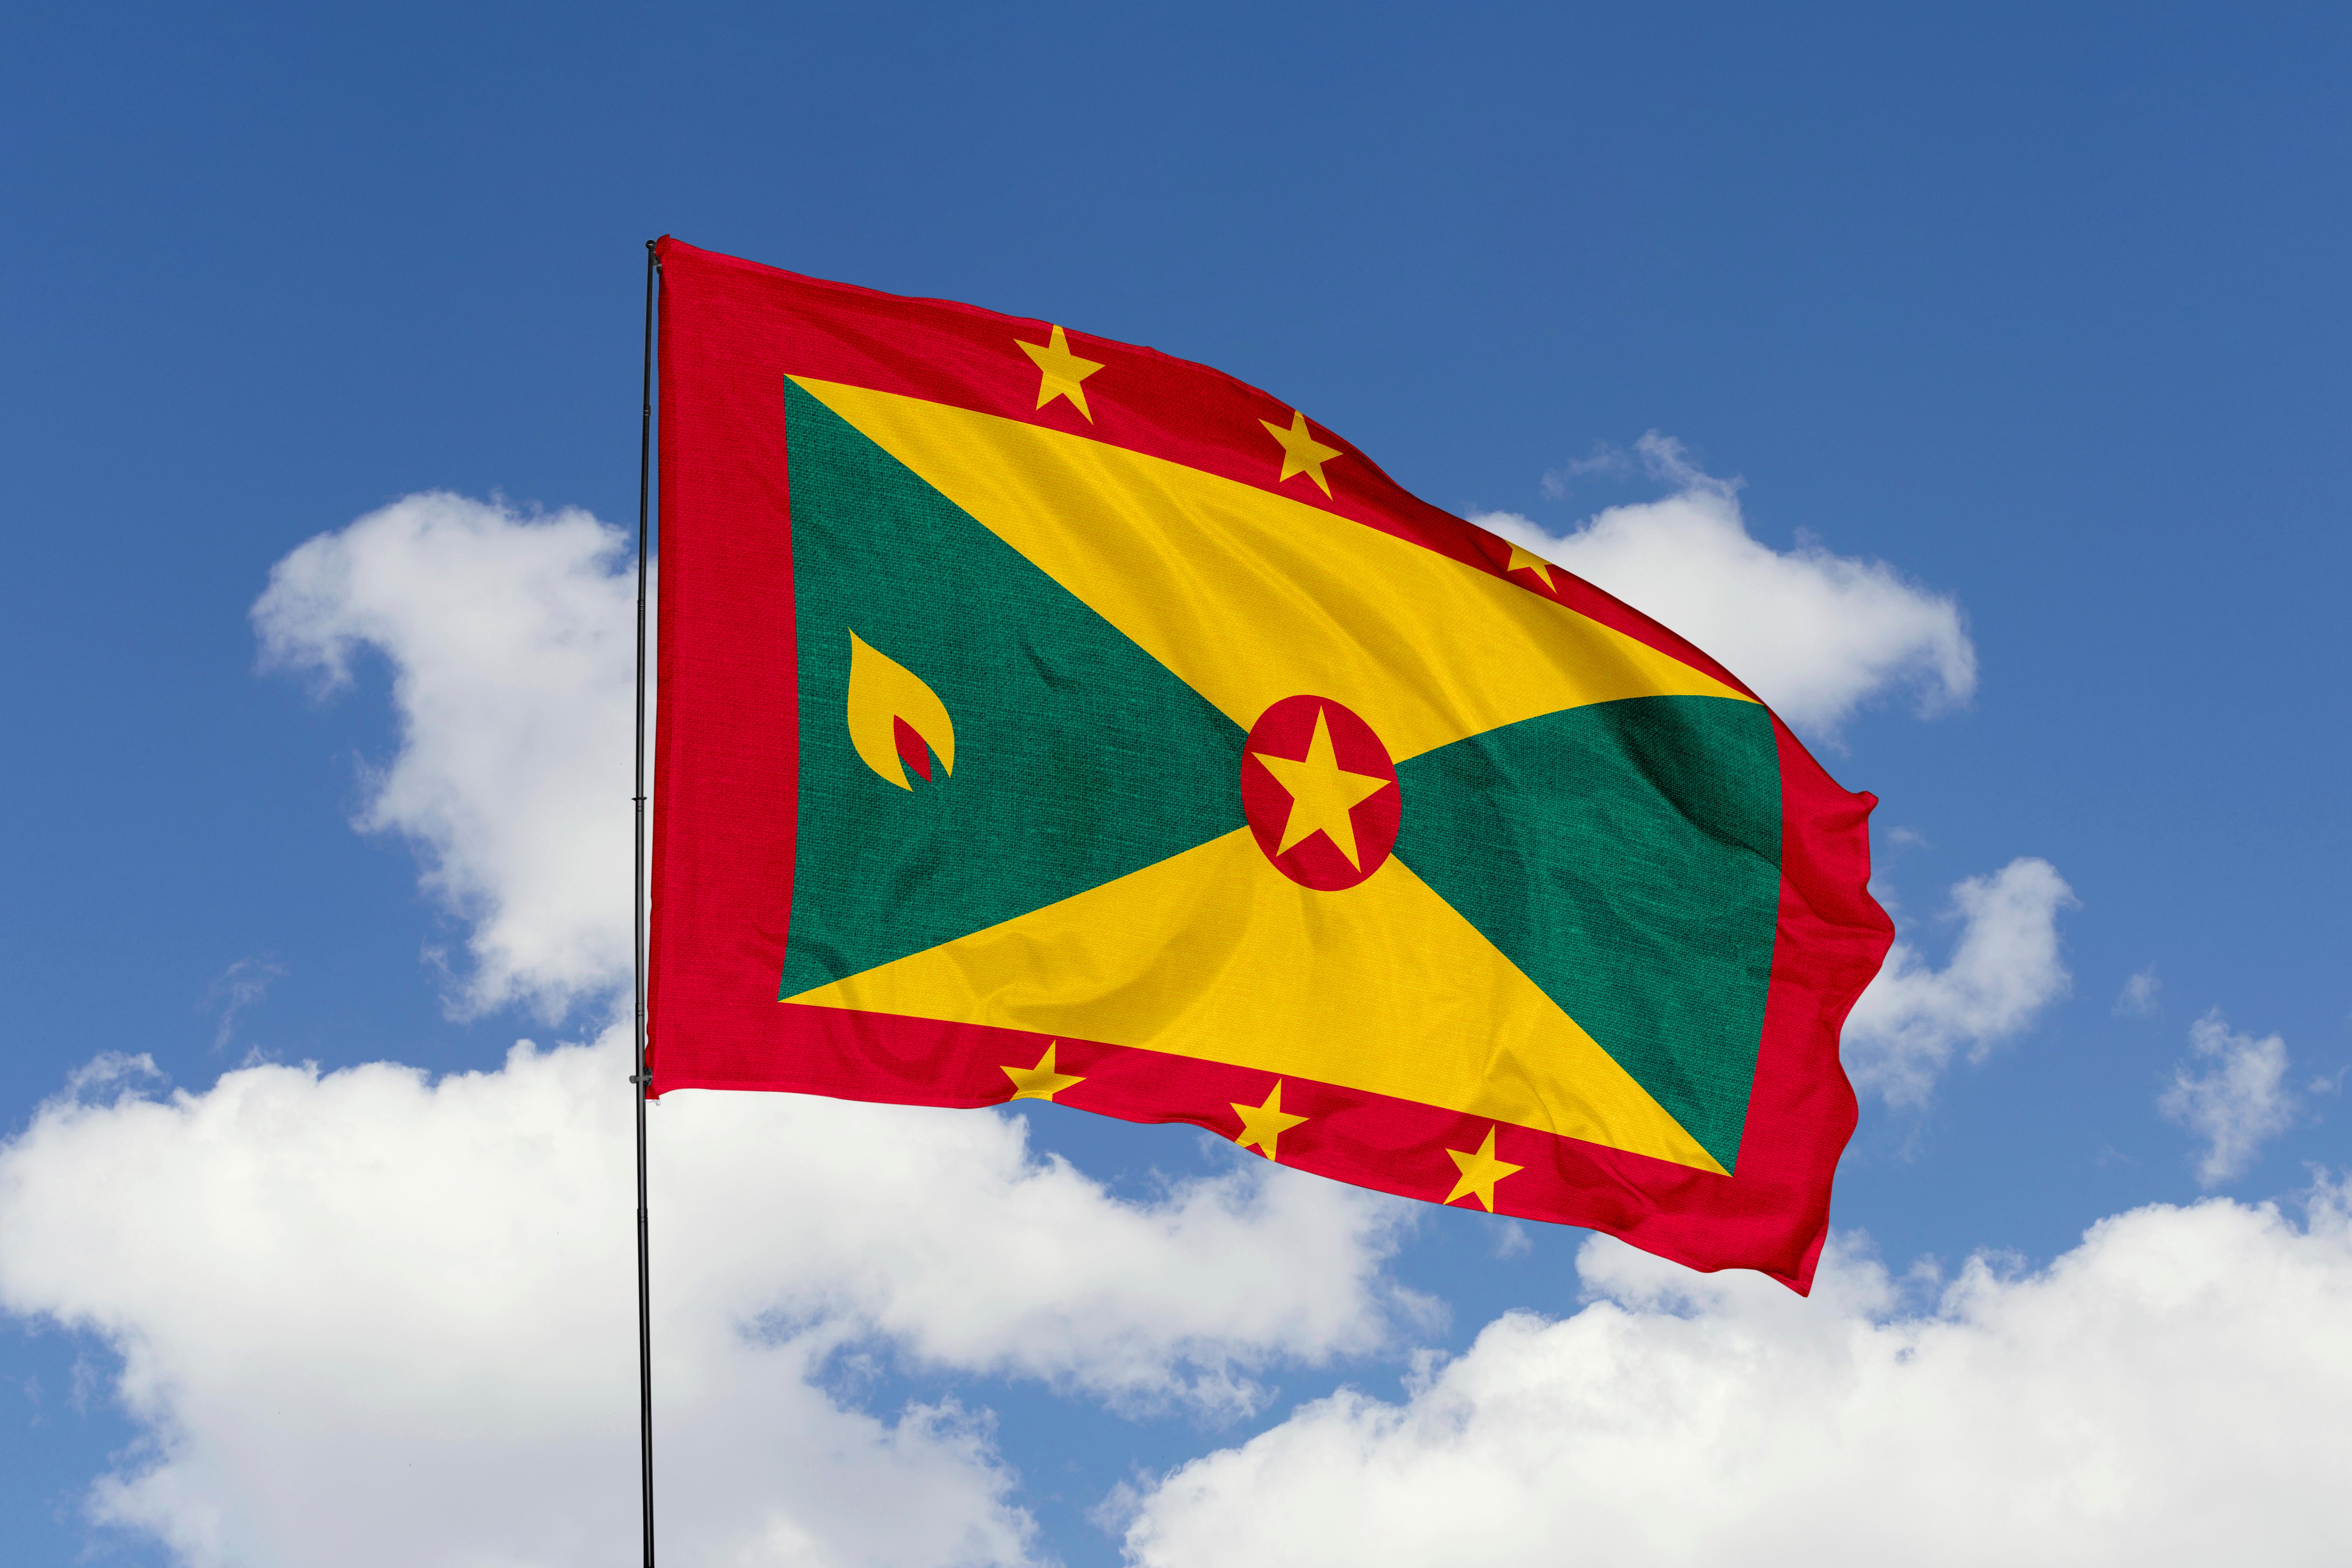 Флаг Гренады, где есть возможность обучаться для русских